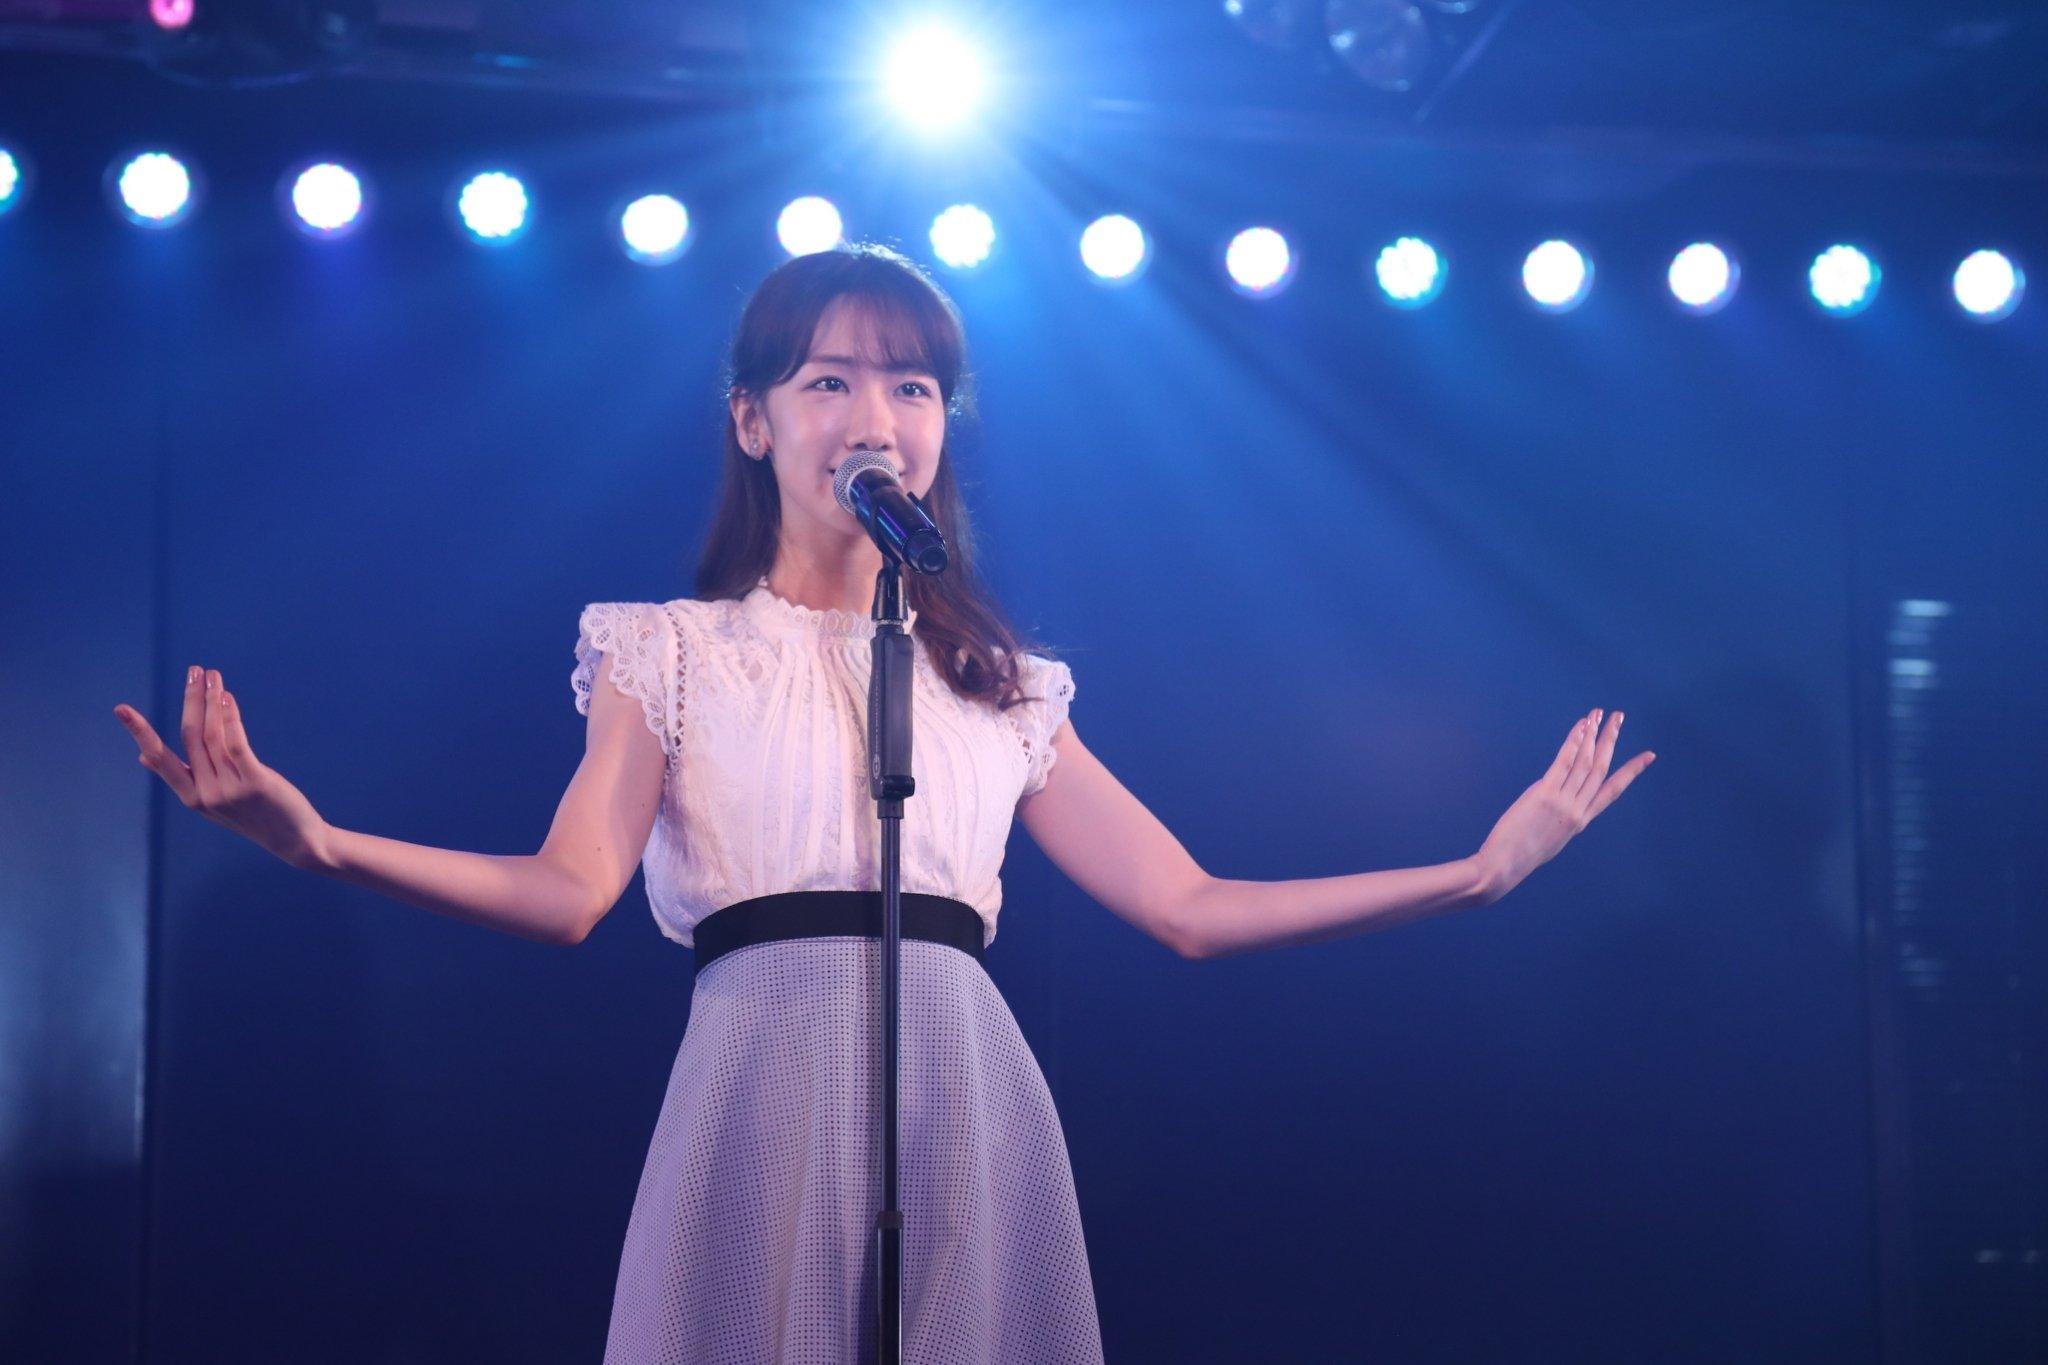 柏木由紀がセットリストを考案!AKB48新公演「僕の夏が始まる」が開幕【写真9枚】の画像005